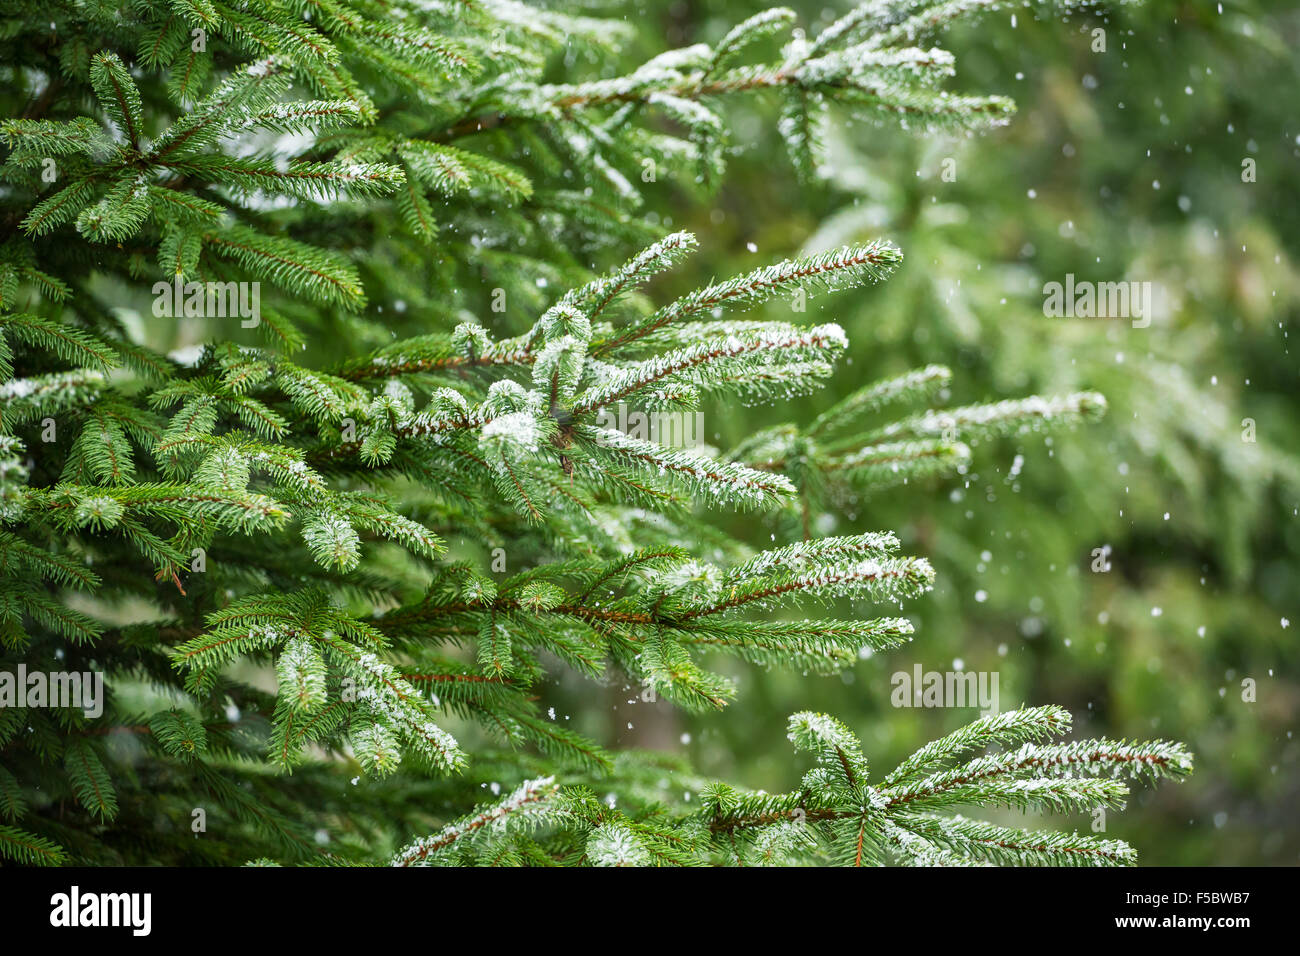 Neve Abete rami sotto nevicata. Dettaglio di inverno Immagini Stock